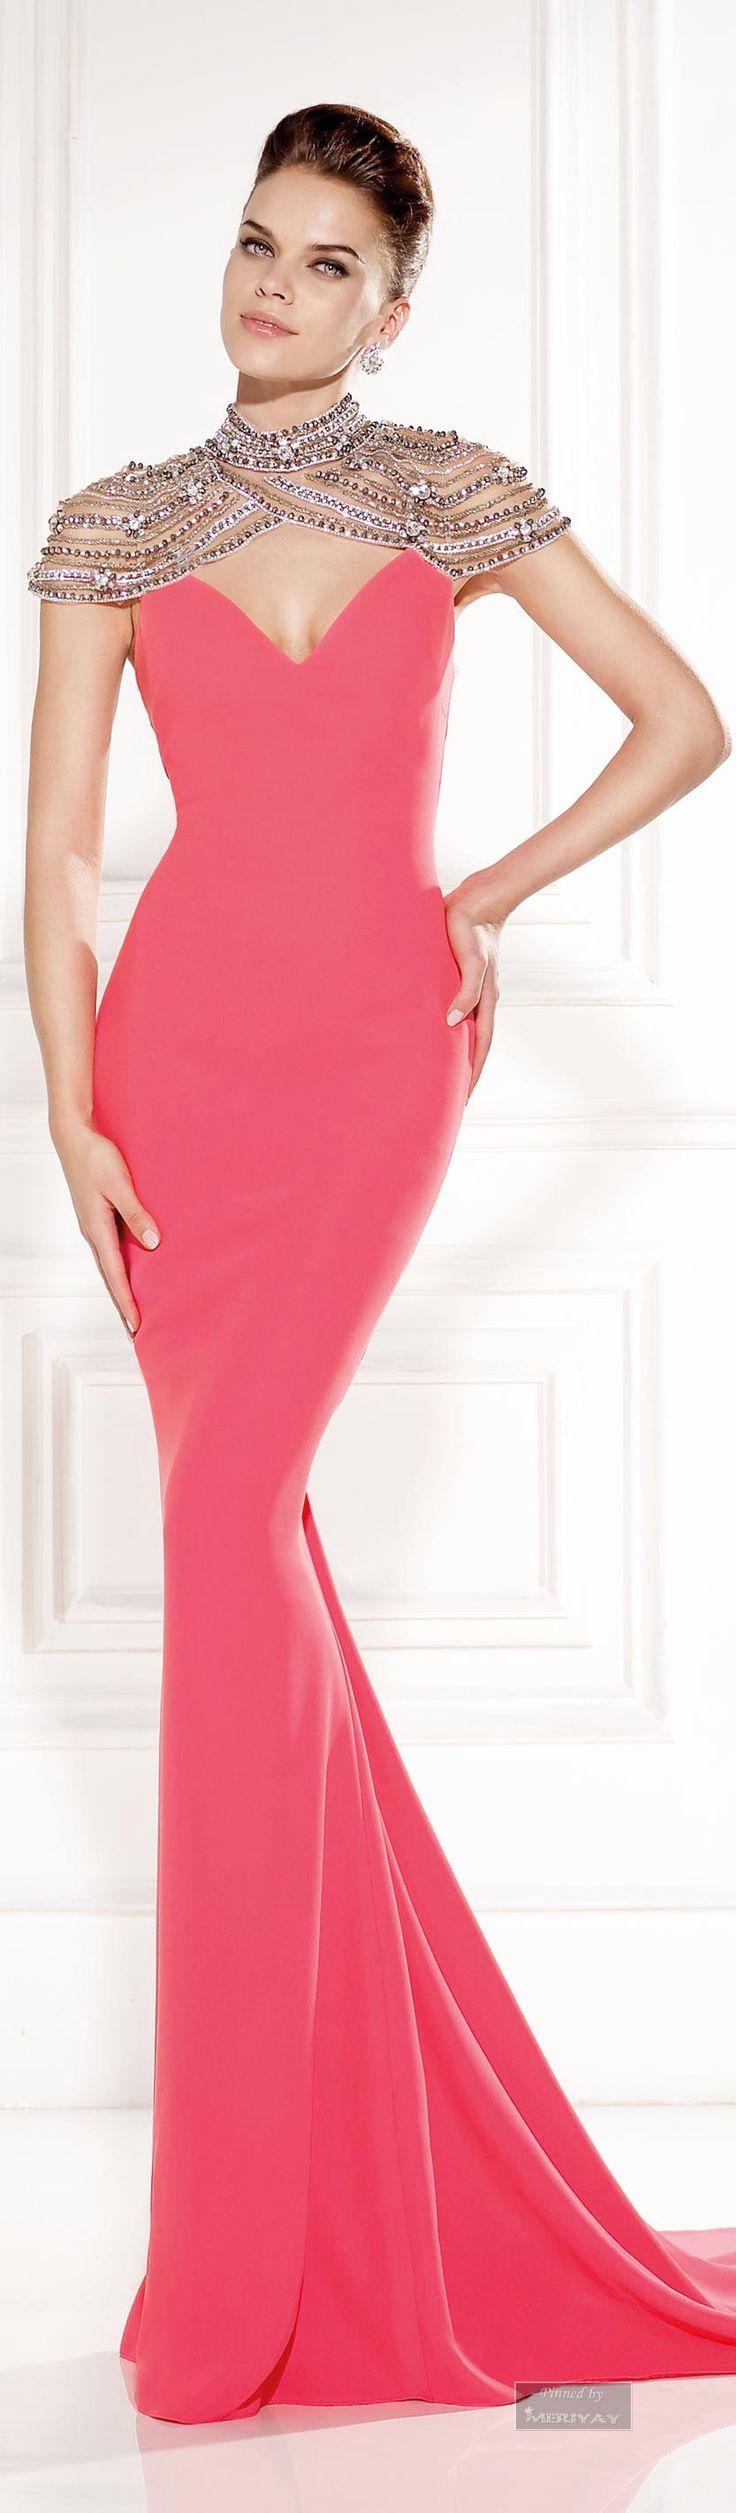 Tarik Ediz.Evening Dress 2015.     ᘡղbᘠ